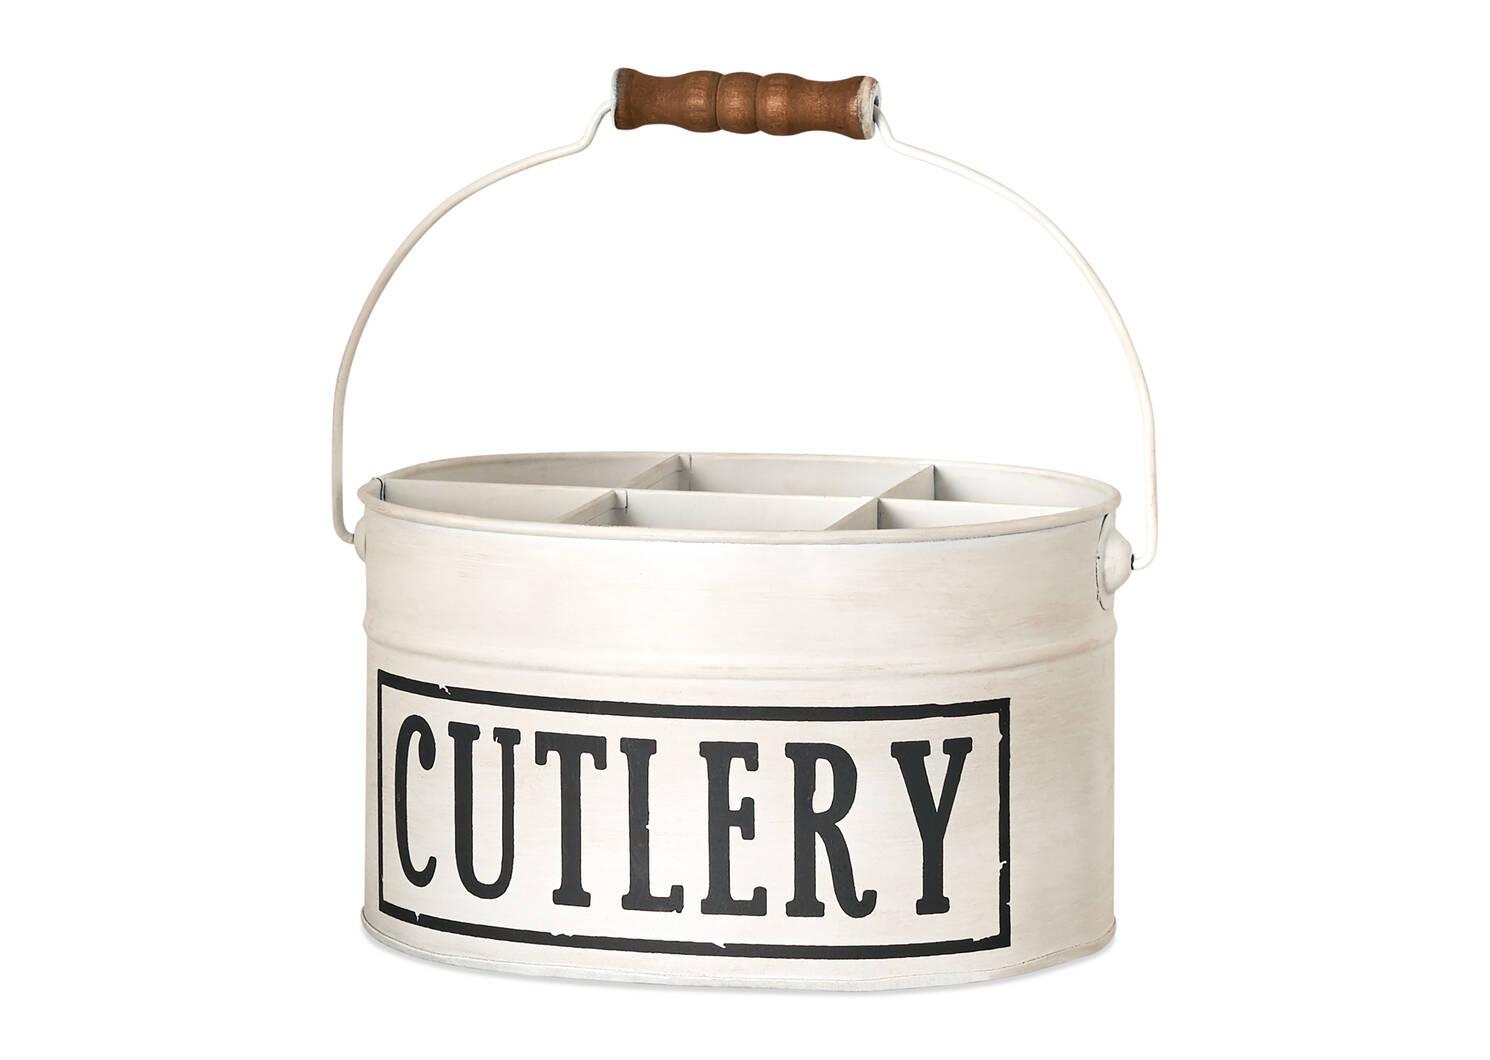 Cutlery Organizer White